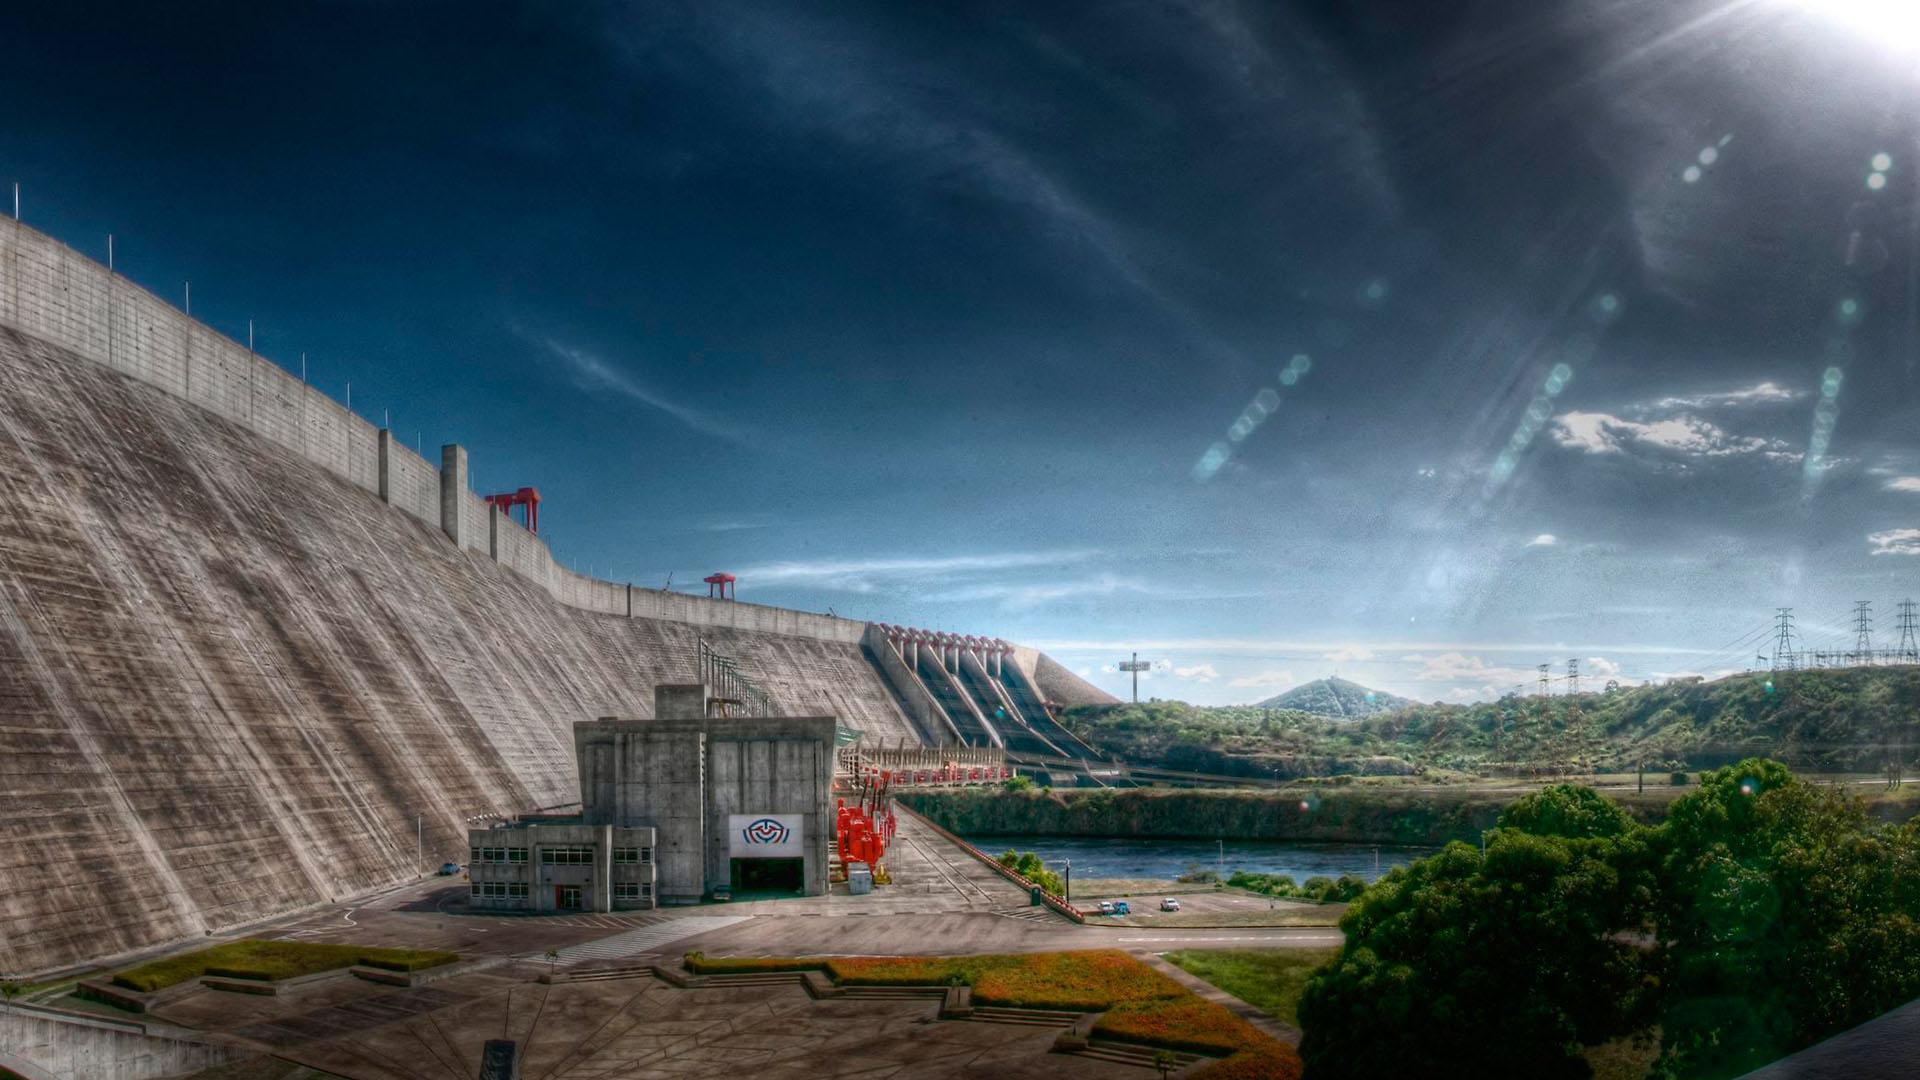 Los fuertes racionamientos eléctricos se repetirán en el 2017 a causa de la sobreexplotación de las plantas